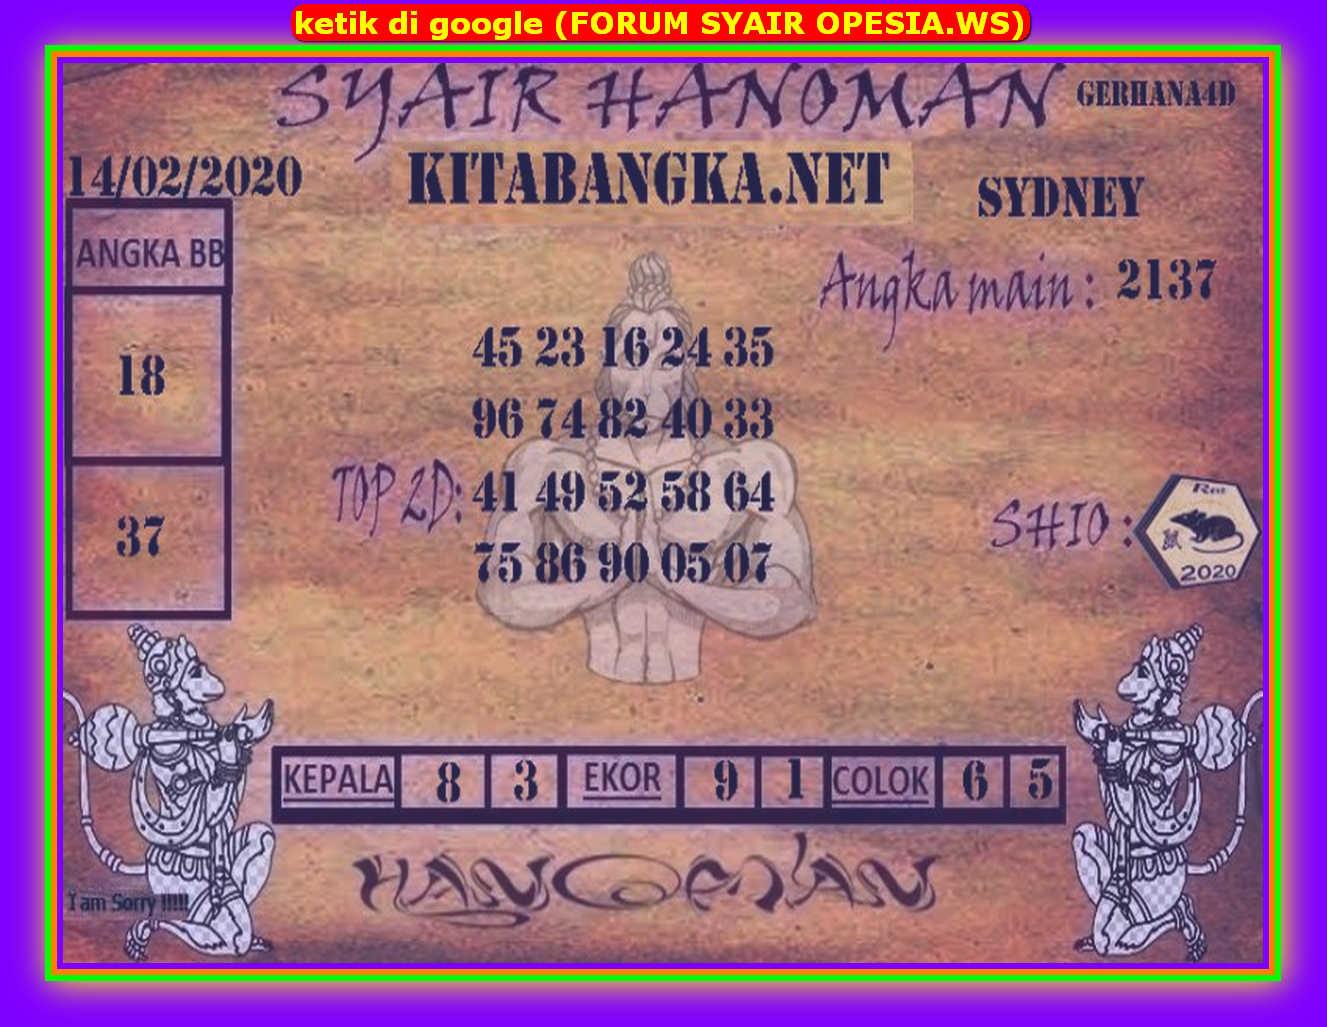 Kode syair Sydney Jumat 14 Februari 2020 76